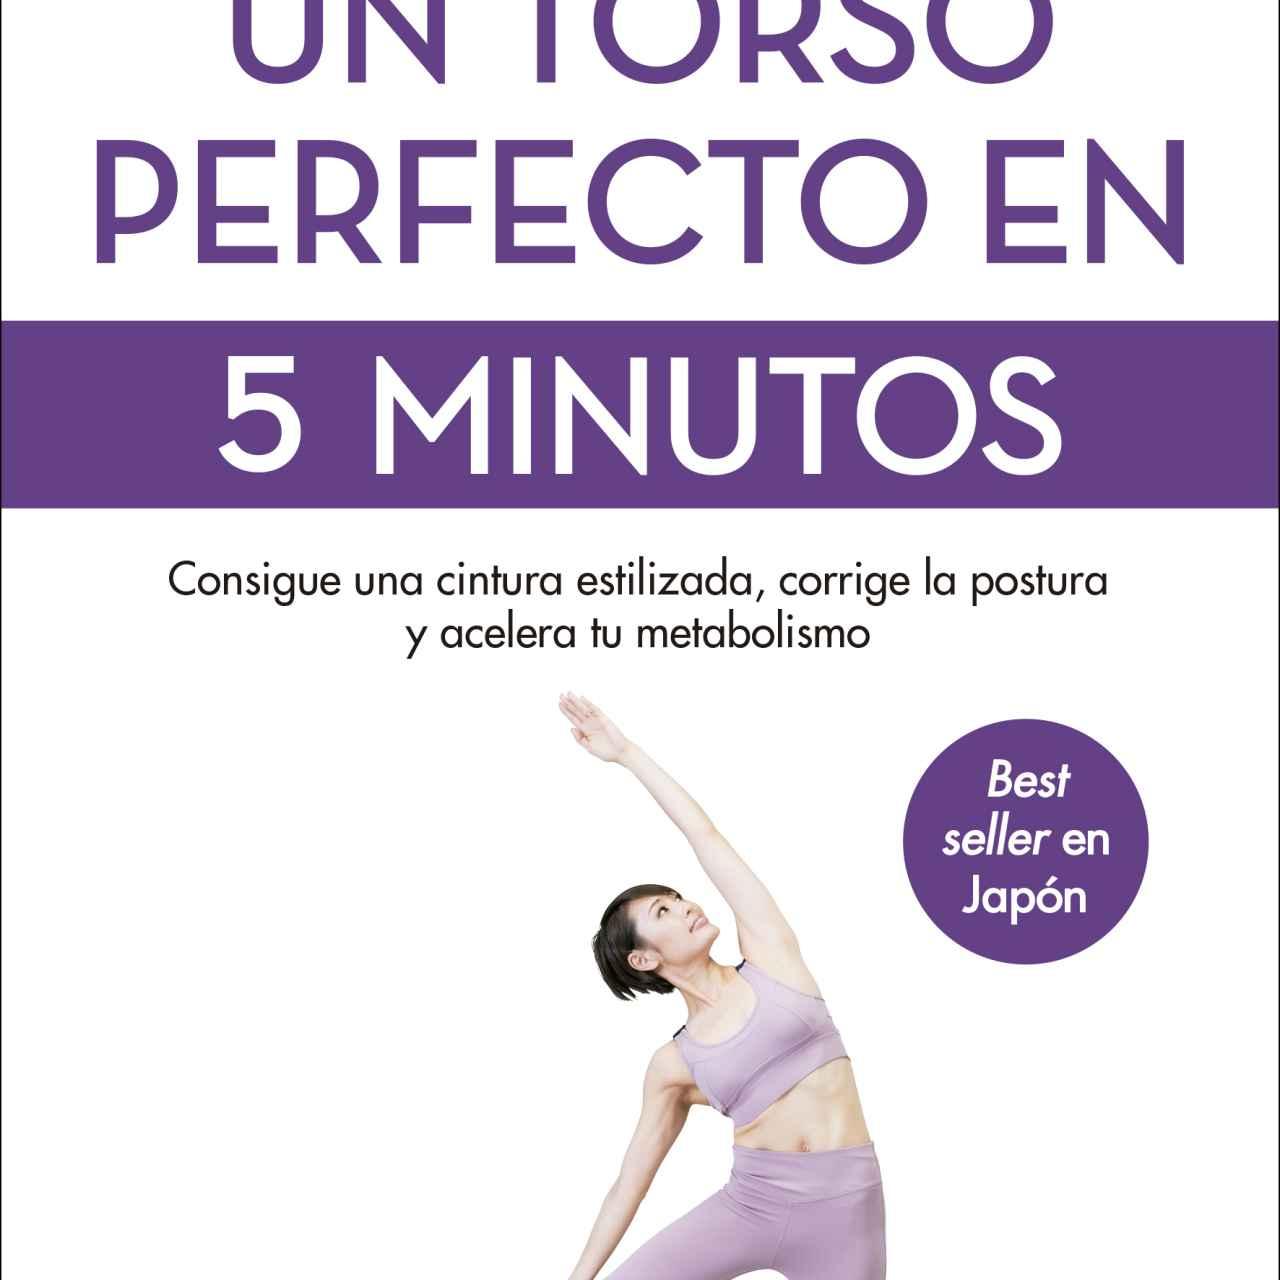 Portada del libro 'Un torso perfecto en 5 minutos'.